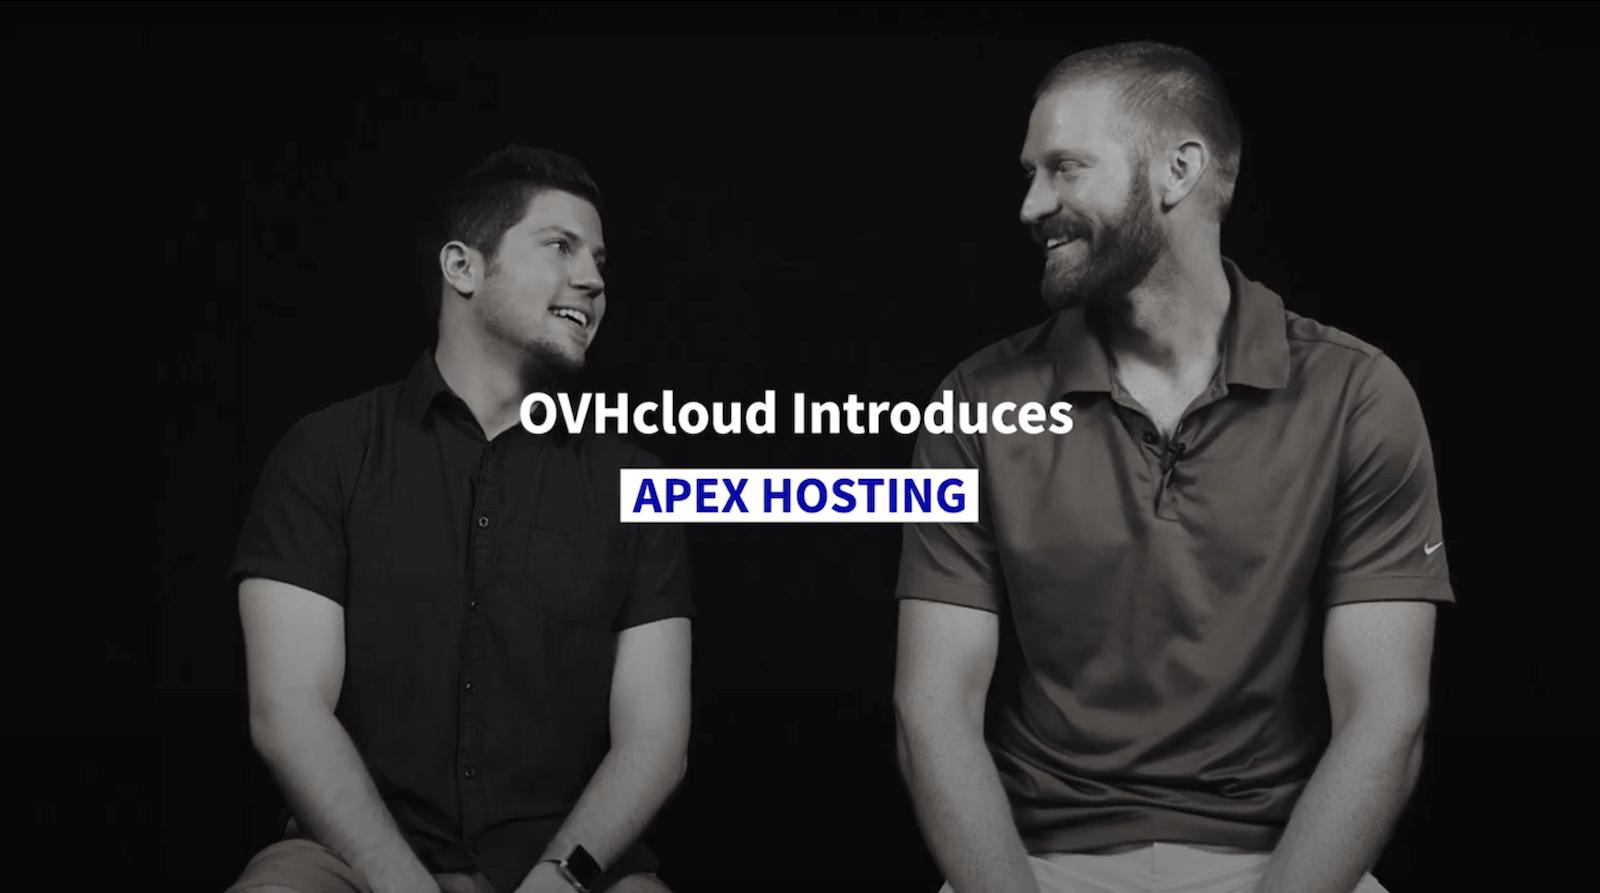 OVHcloud & Apex Hosting